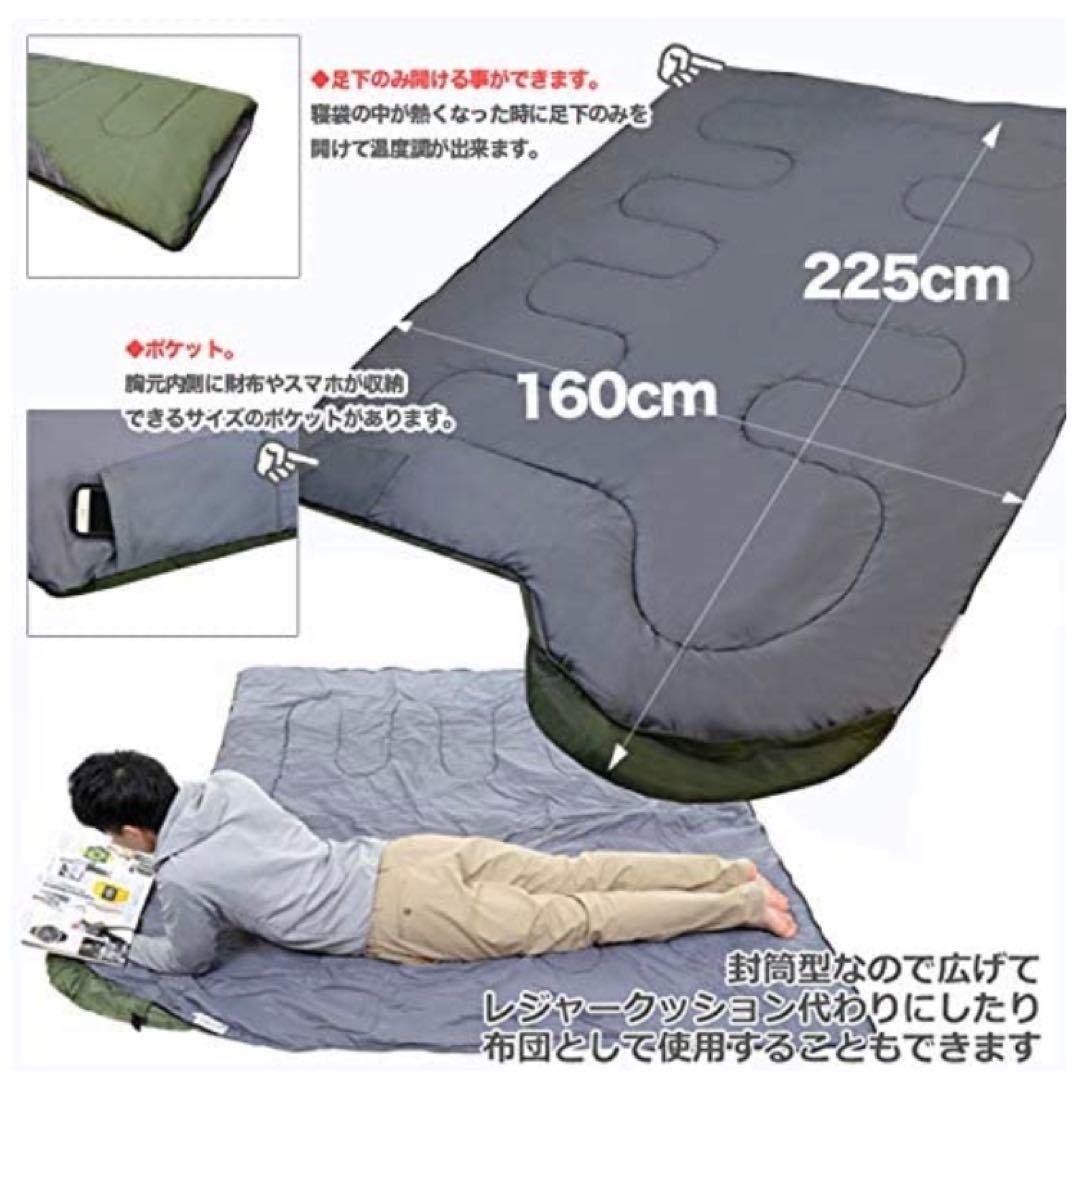 寝袋 オールシーズン 最低使用温度 -7℃ 釣り 登山 オレンジ 防災 キャンプ